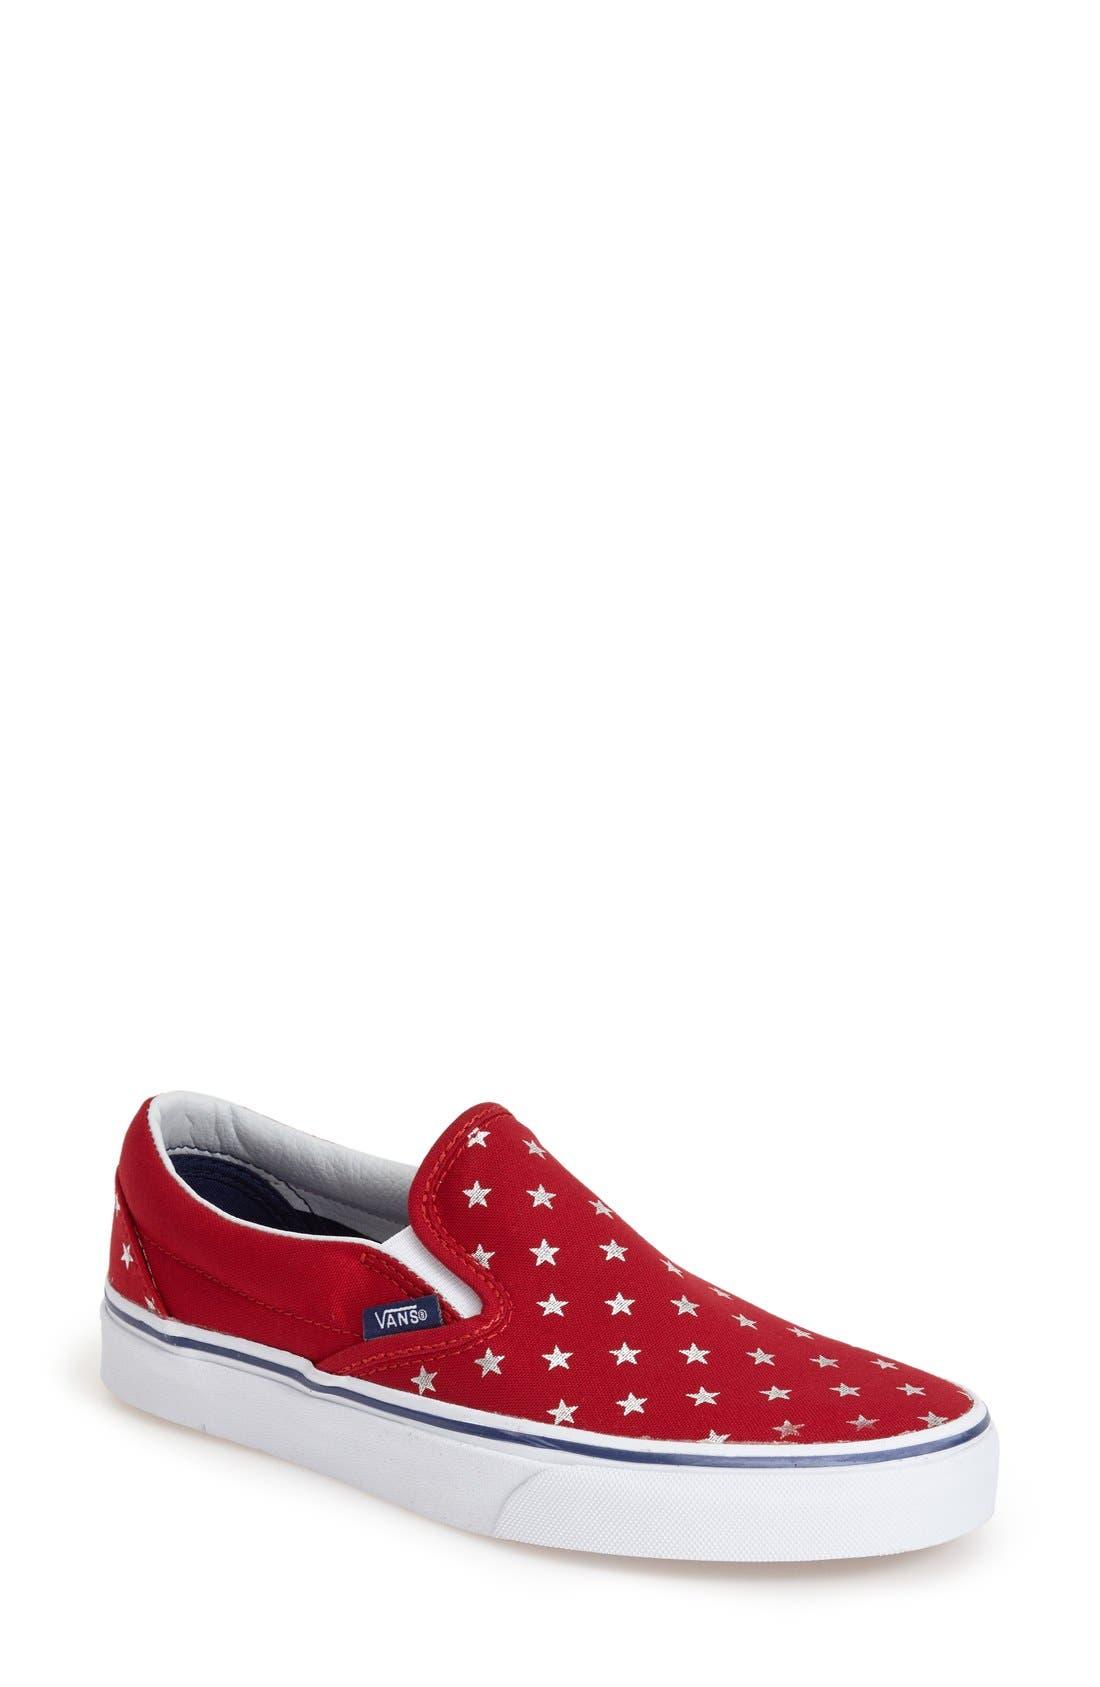 Main Image - Vans 'Classic - Stars' Slip-On Sneaker (Women)